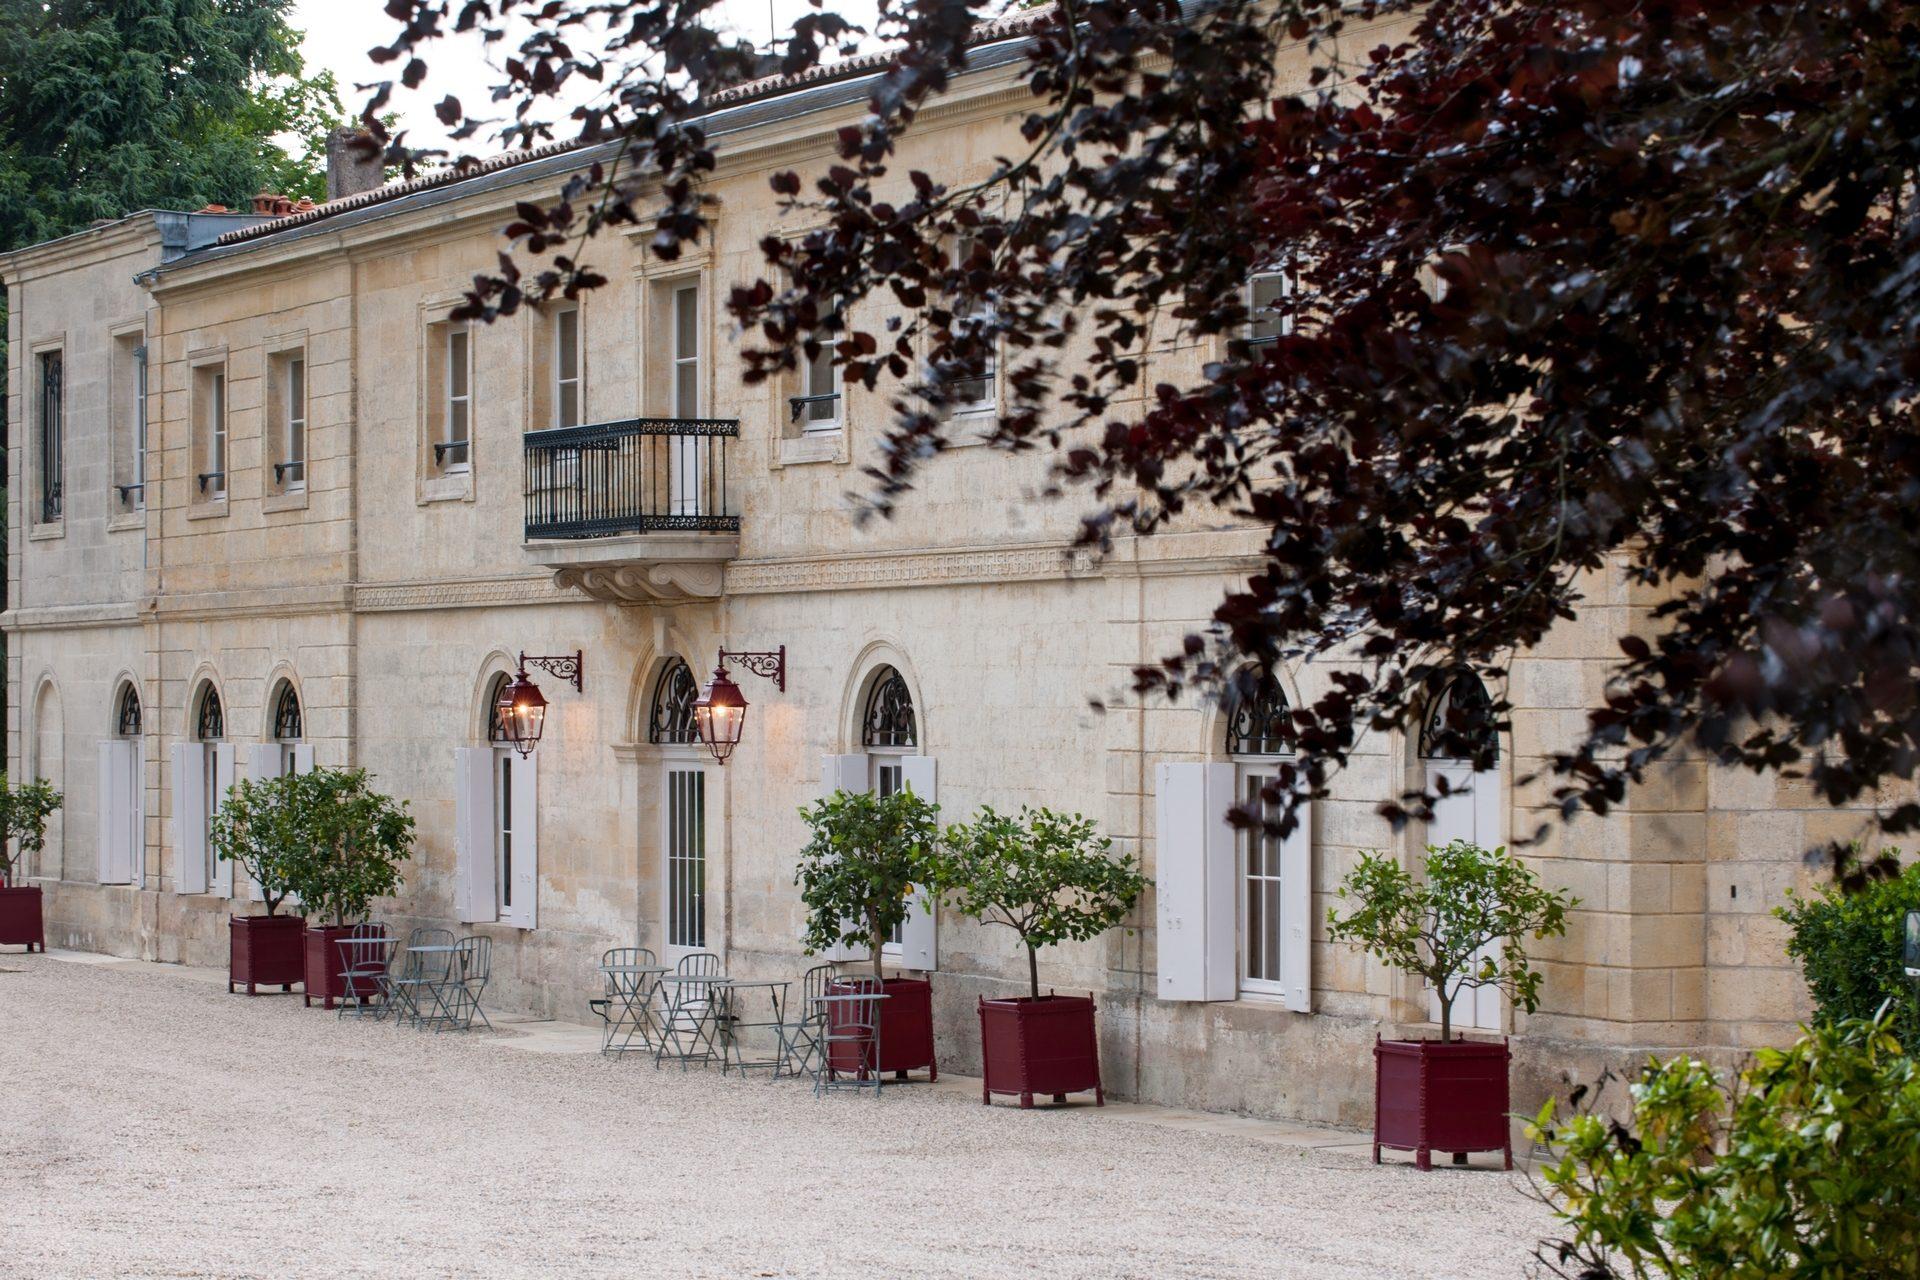 Les-Sources-de-caudalie-Chartreuse-du-Thil-Entrée-1920x1280